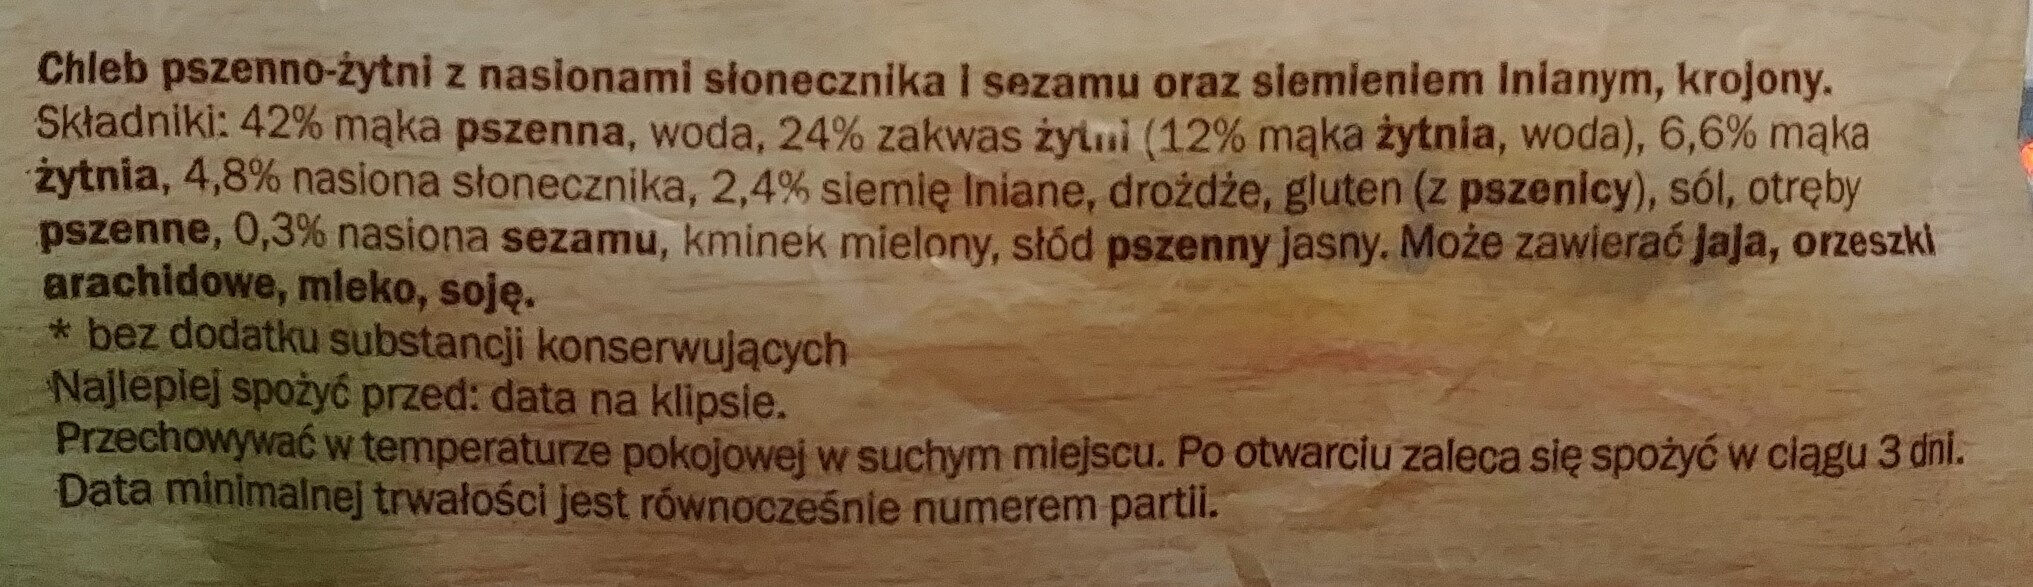 Chleb pszenno-żytni z nasionami słonecznika i sezamu oraz siemieniem lnianym. - Ingrédients - pl